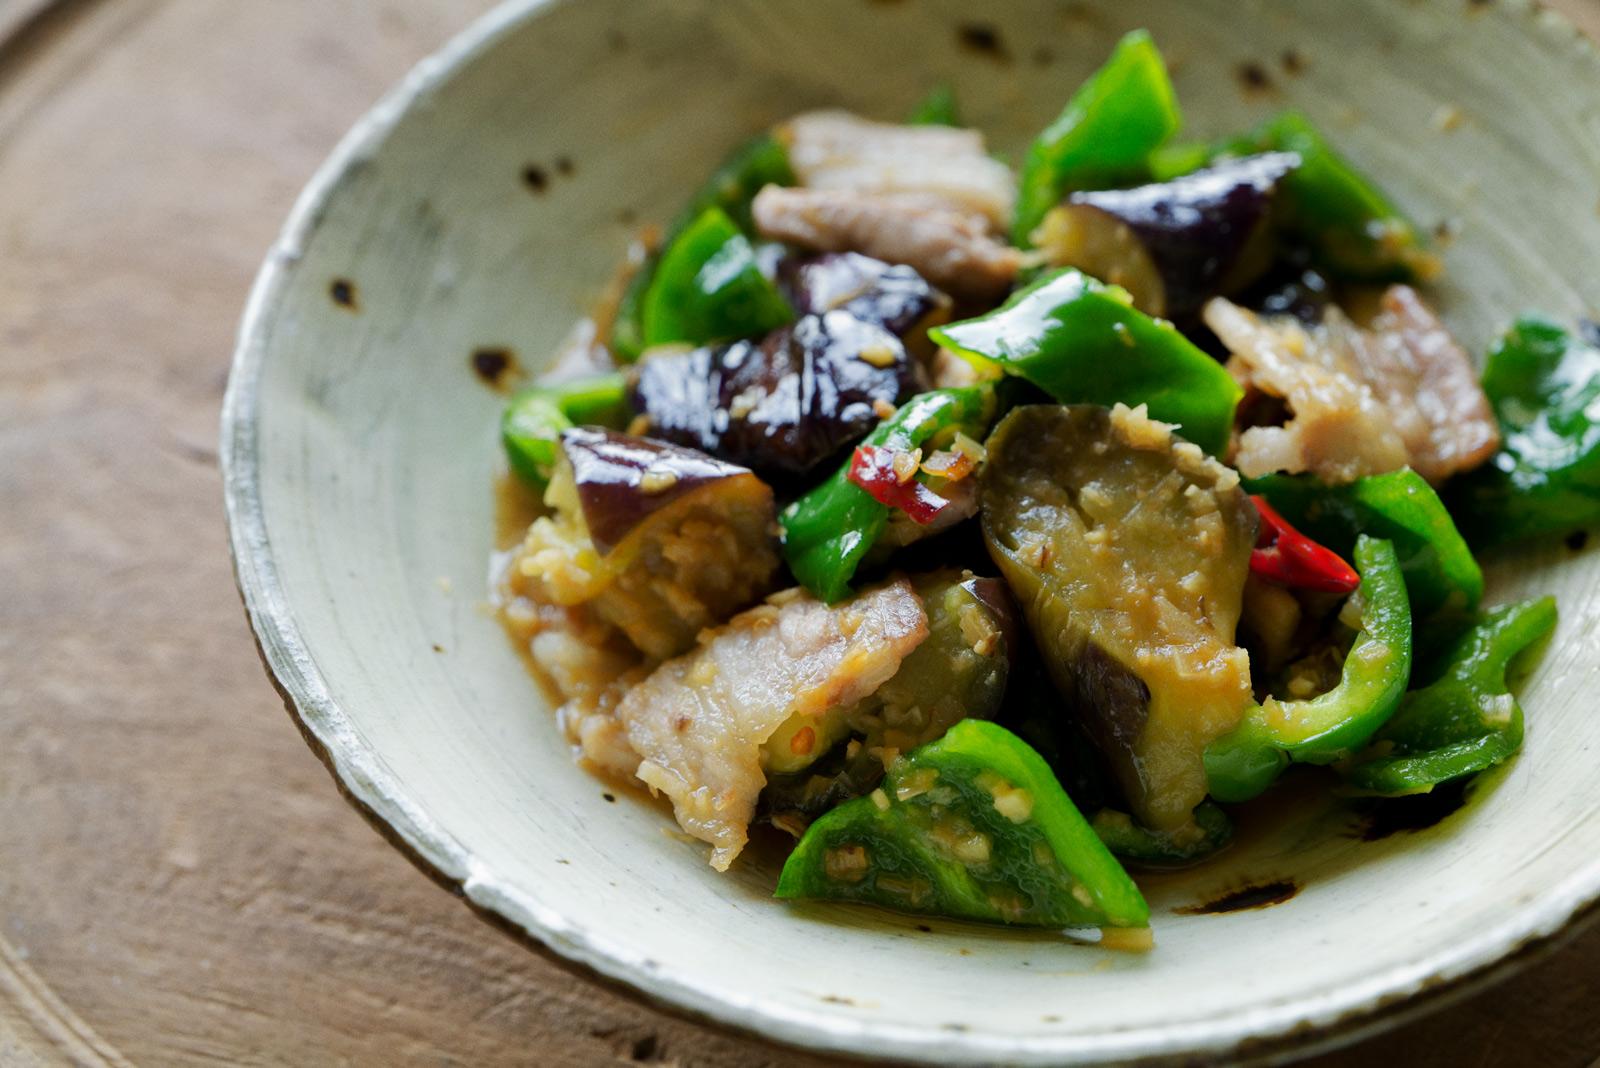 の なす 豚肉 料理 と めちゃめちゃゴハンがすすむ!茄子と豚肉の味噌炒め レシピ・作り方